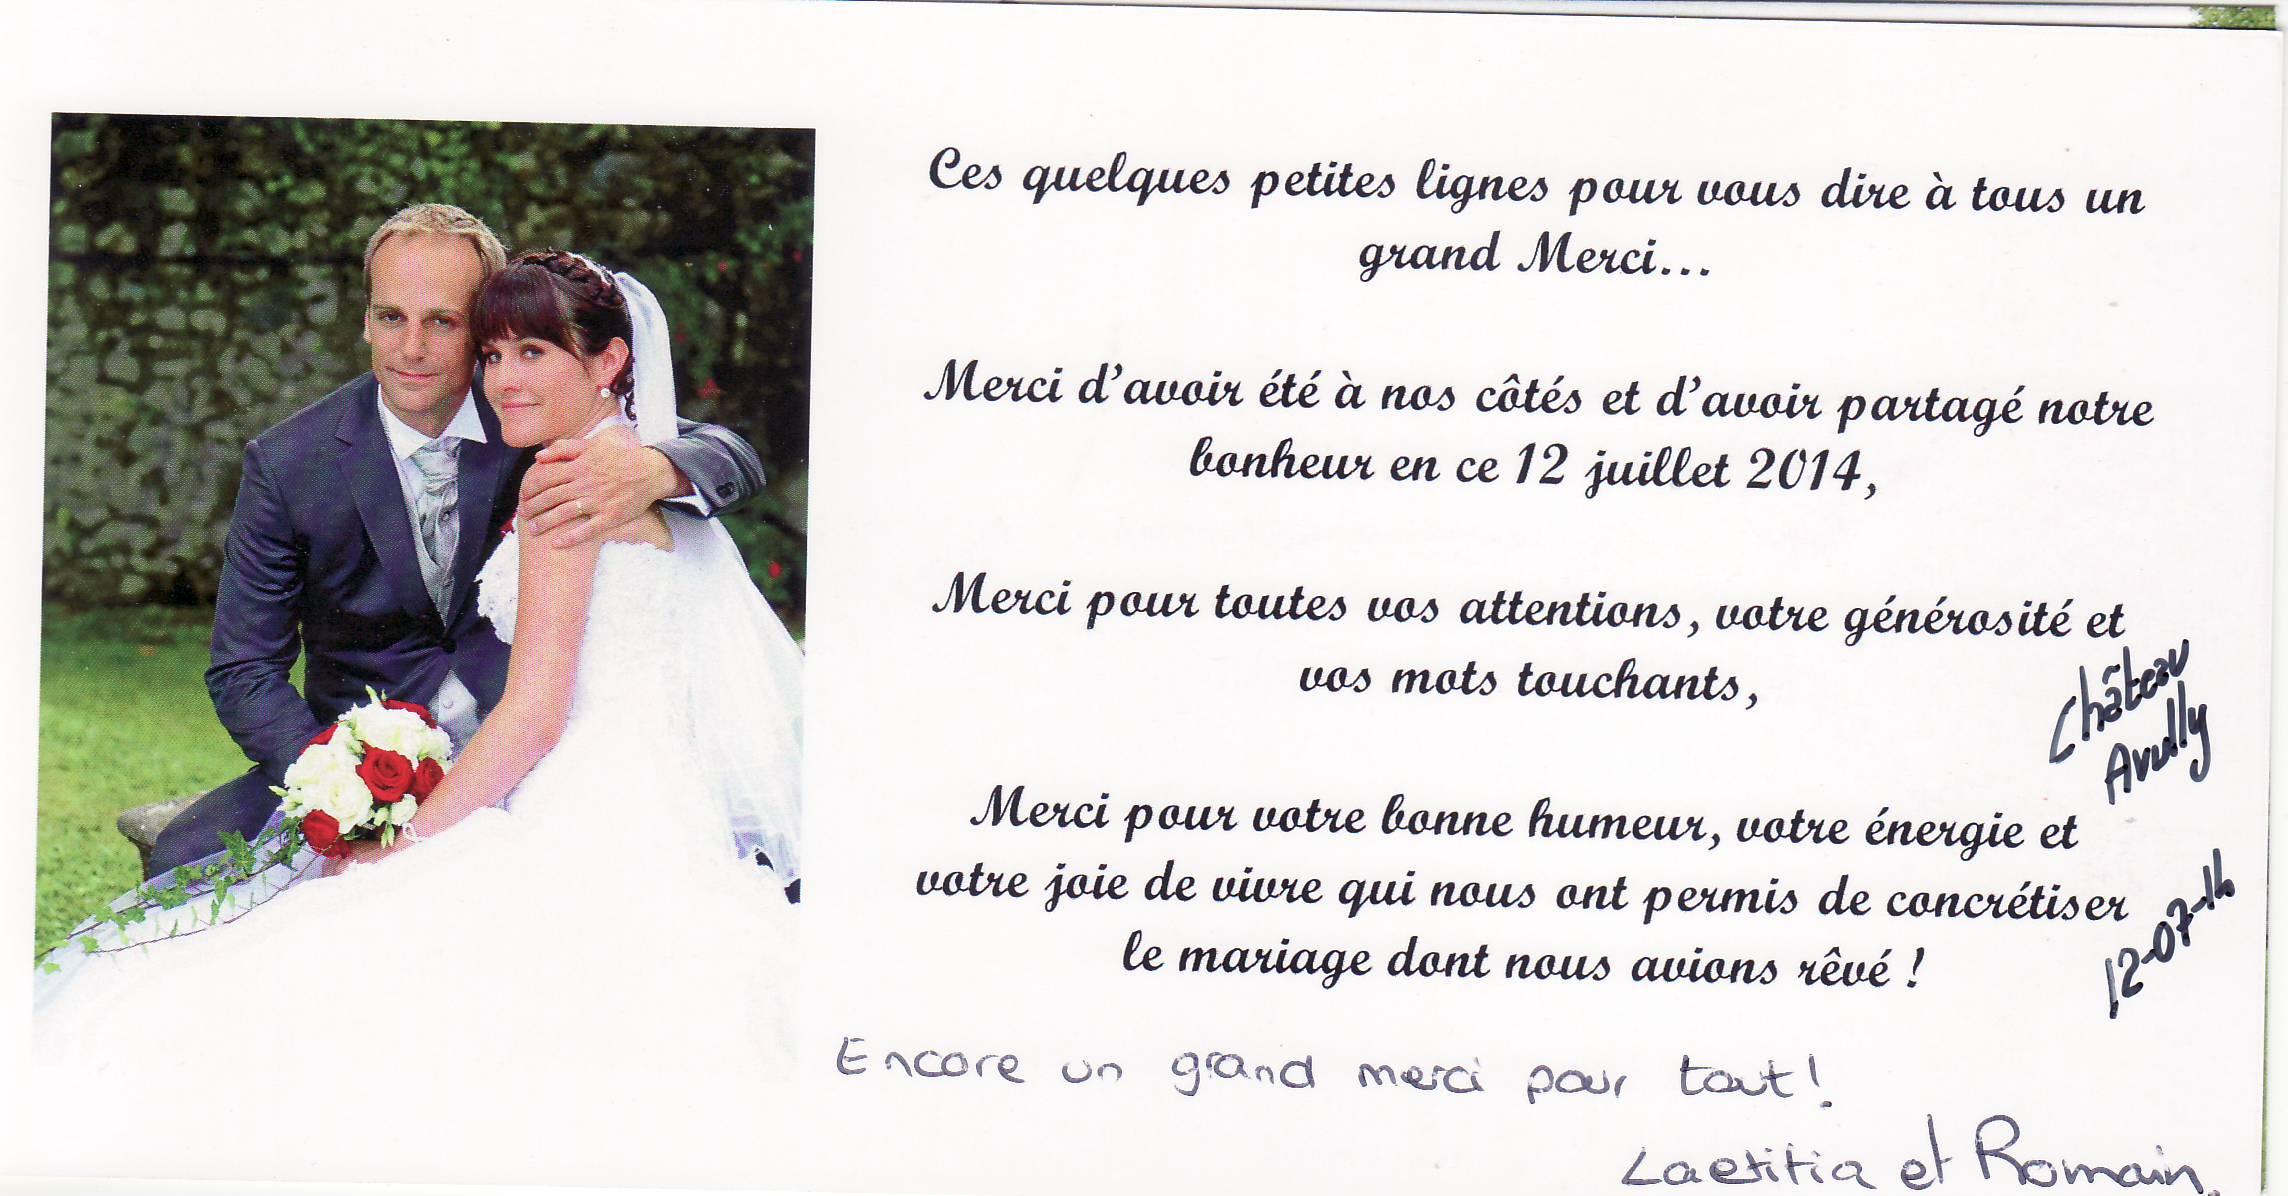 Mariage_CAPT_Romain_&_Laetitia_(Château_d'Avully)_(12-07-2014)_3.JPG